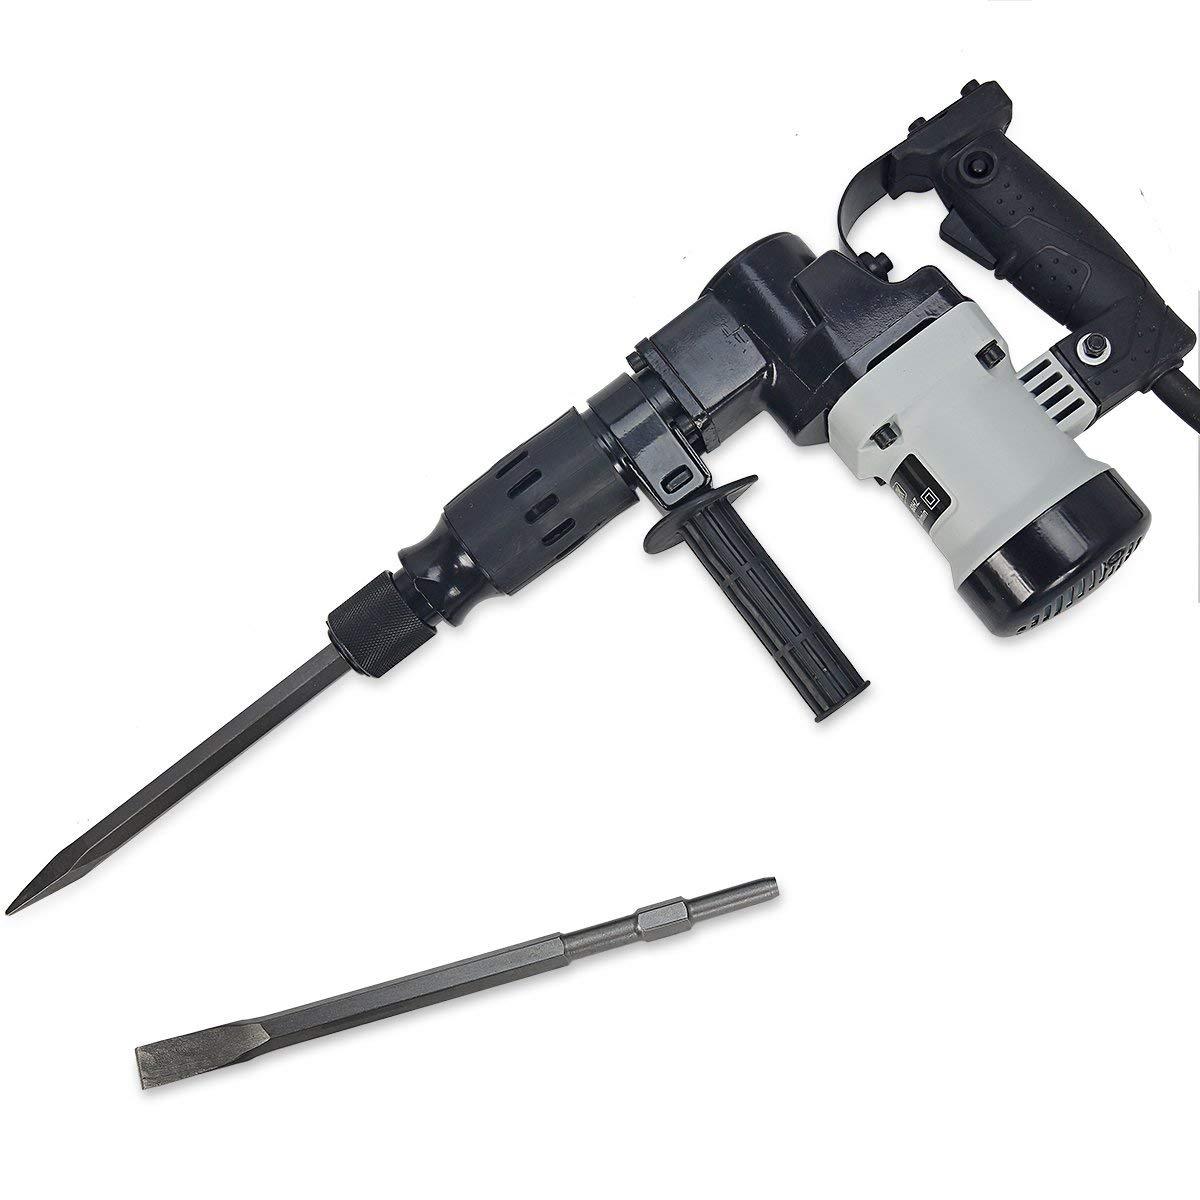 9. XtremepowerUS Demolition Hammer